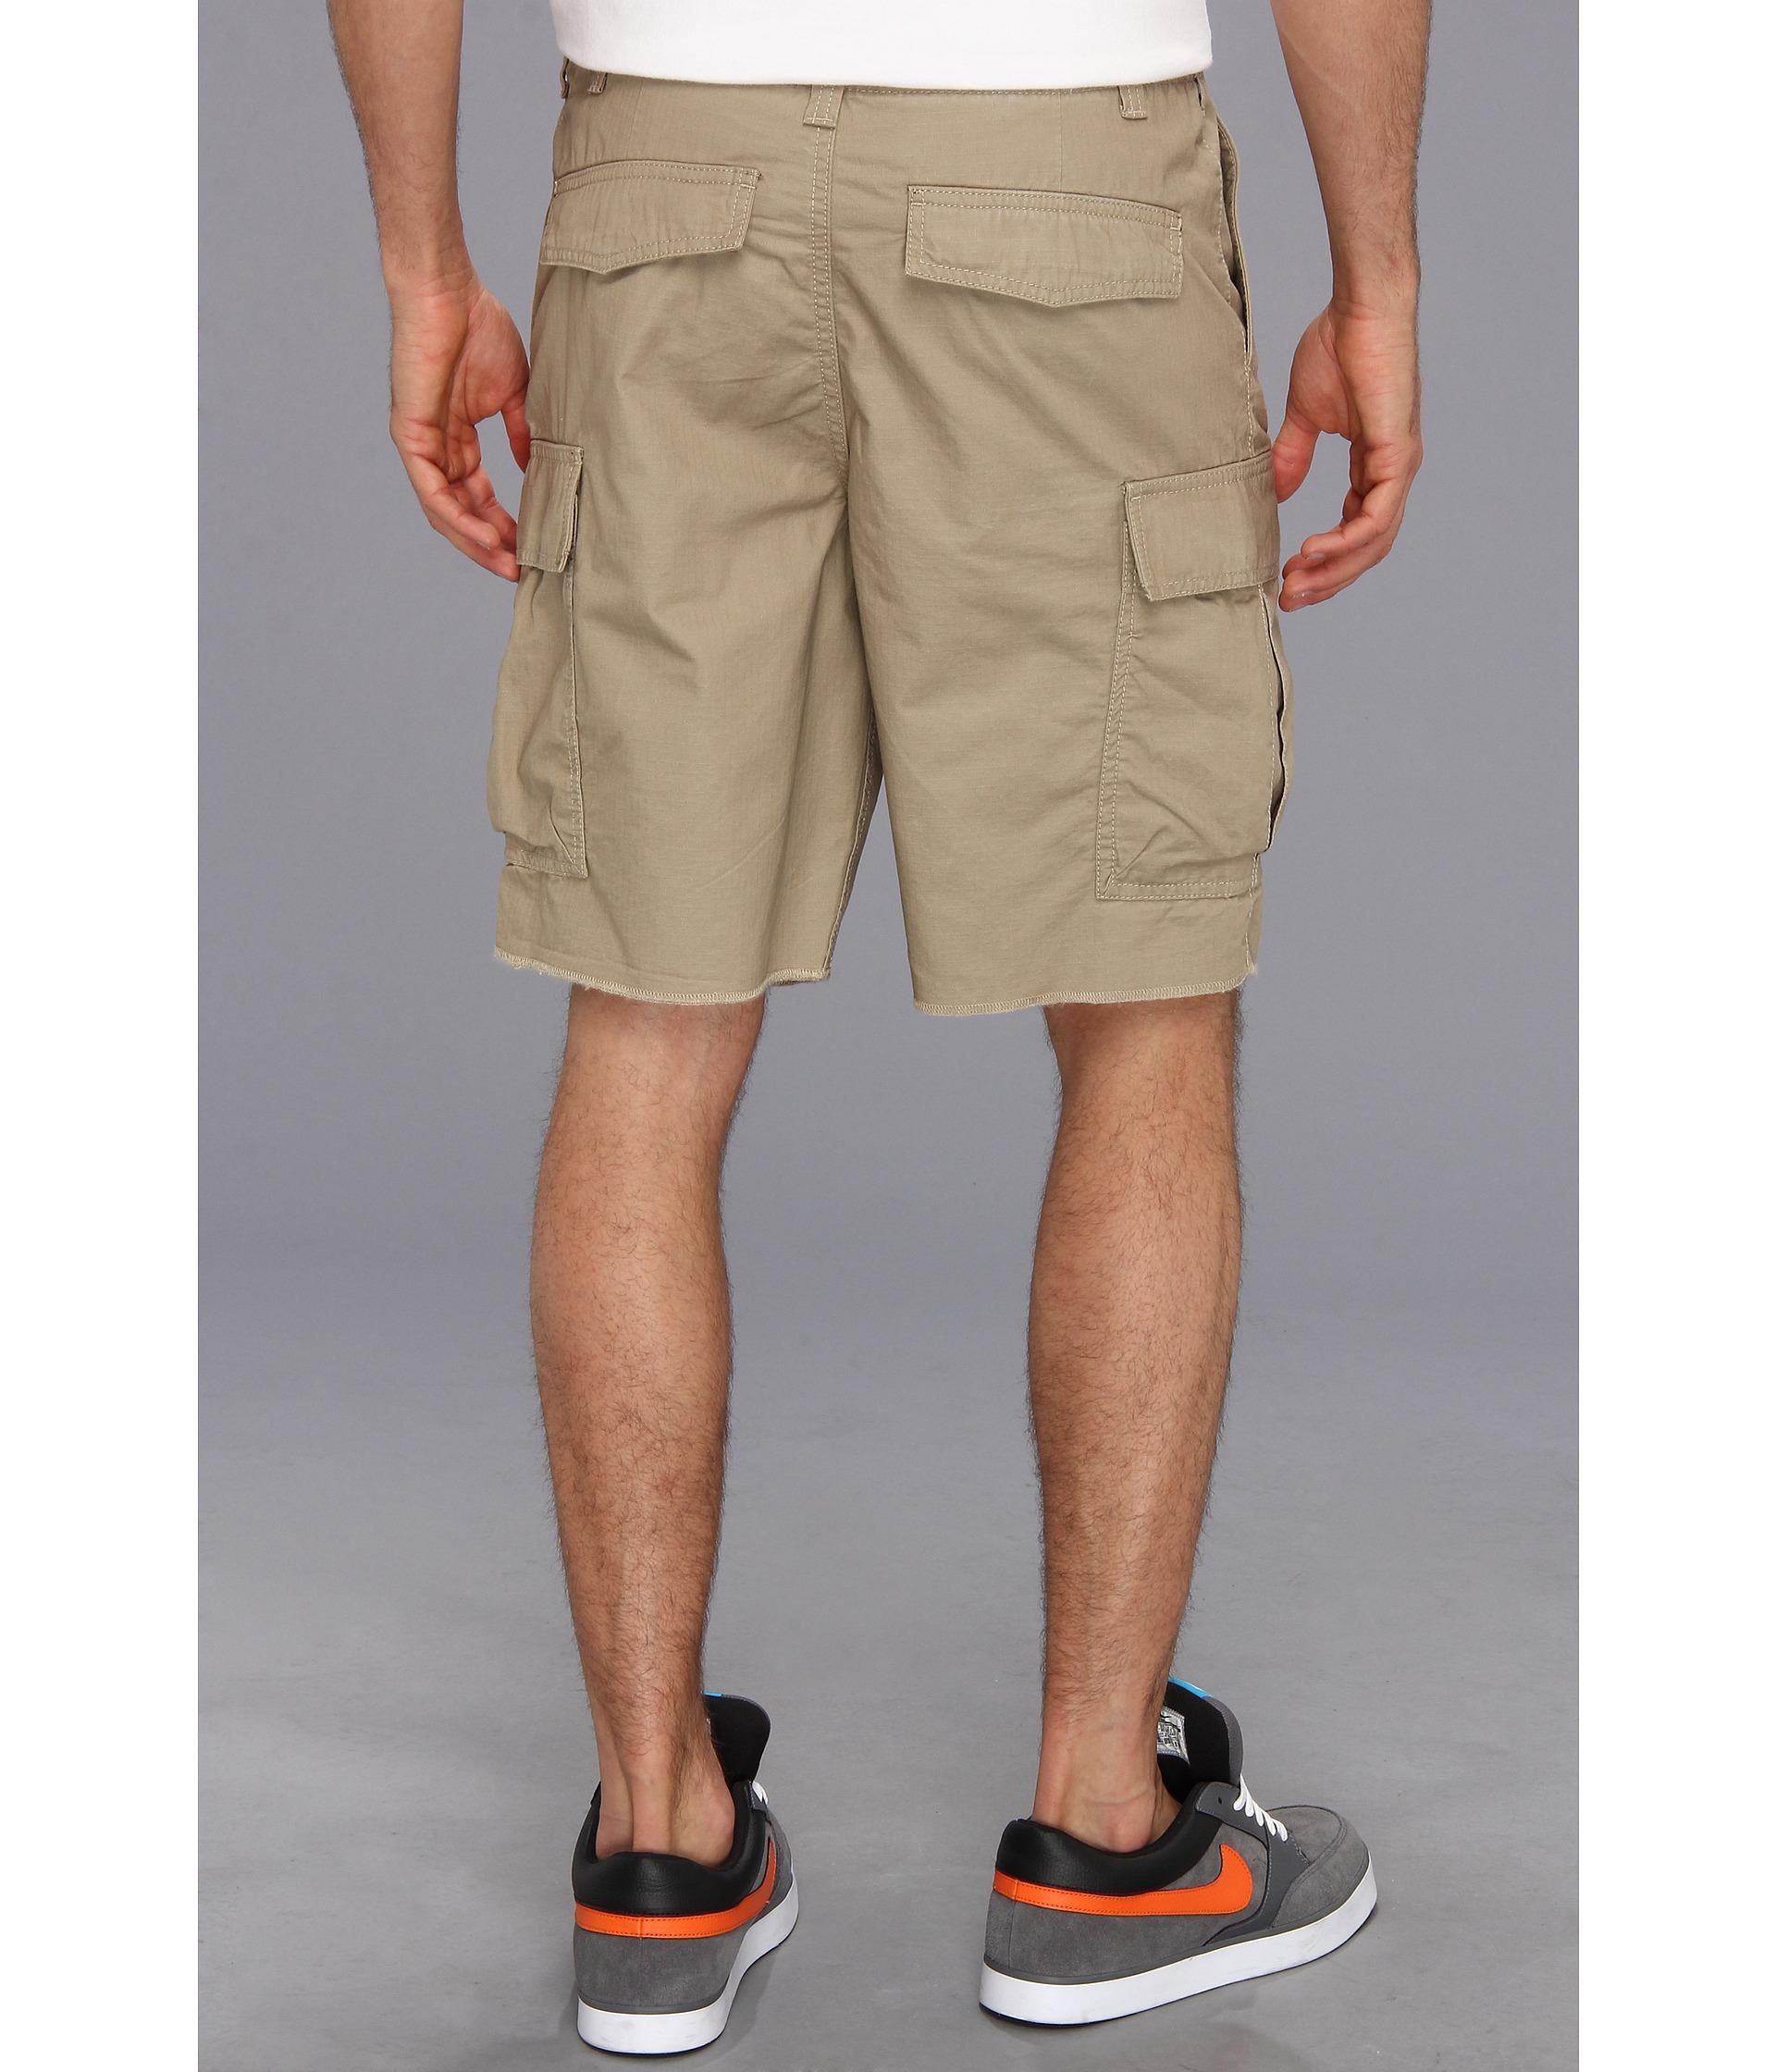 Nike L'aubépine Mens Shorts Cargo mode à vendre YMrsEw29